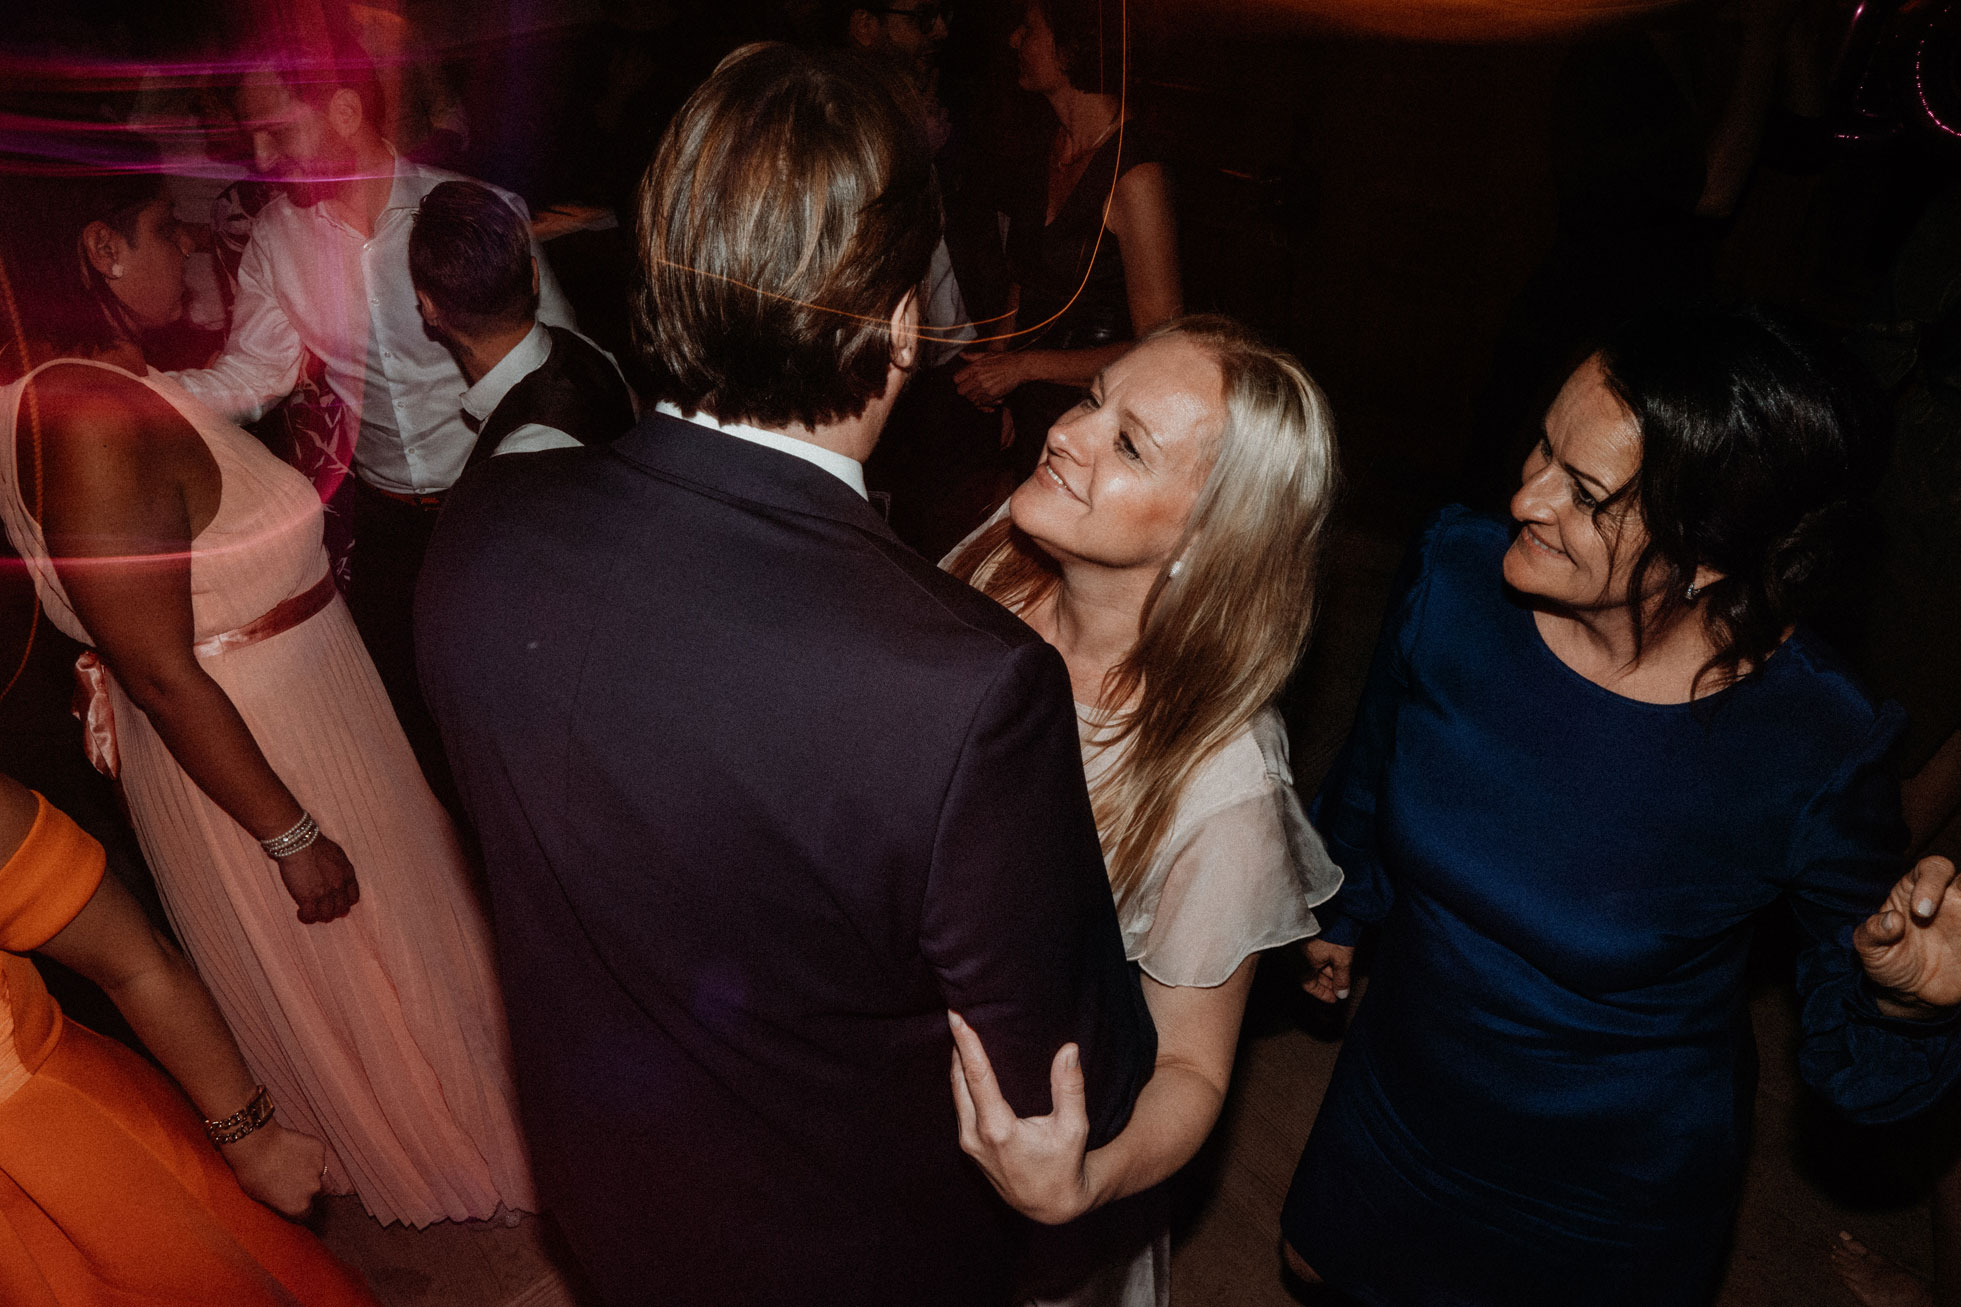 Hochzeit_Claire_Manuel_Villa_Maund_Daniel_Jenny-650.jpg